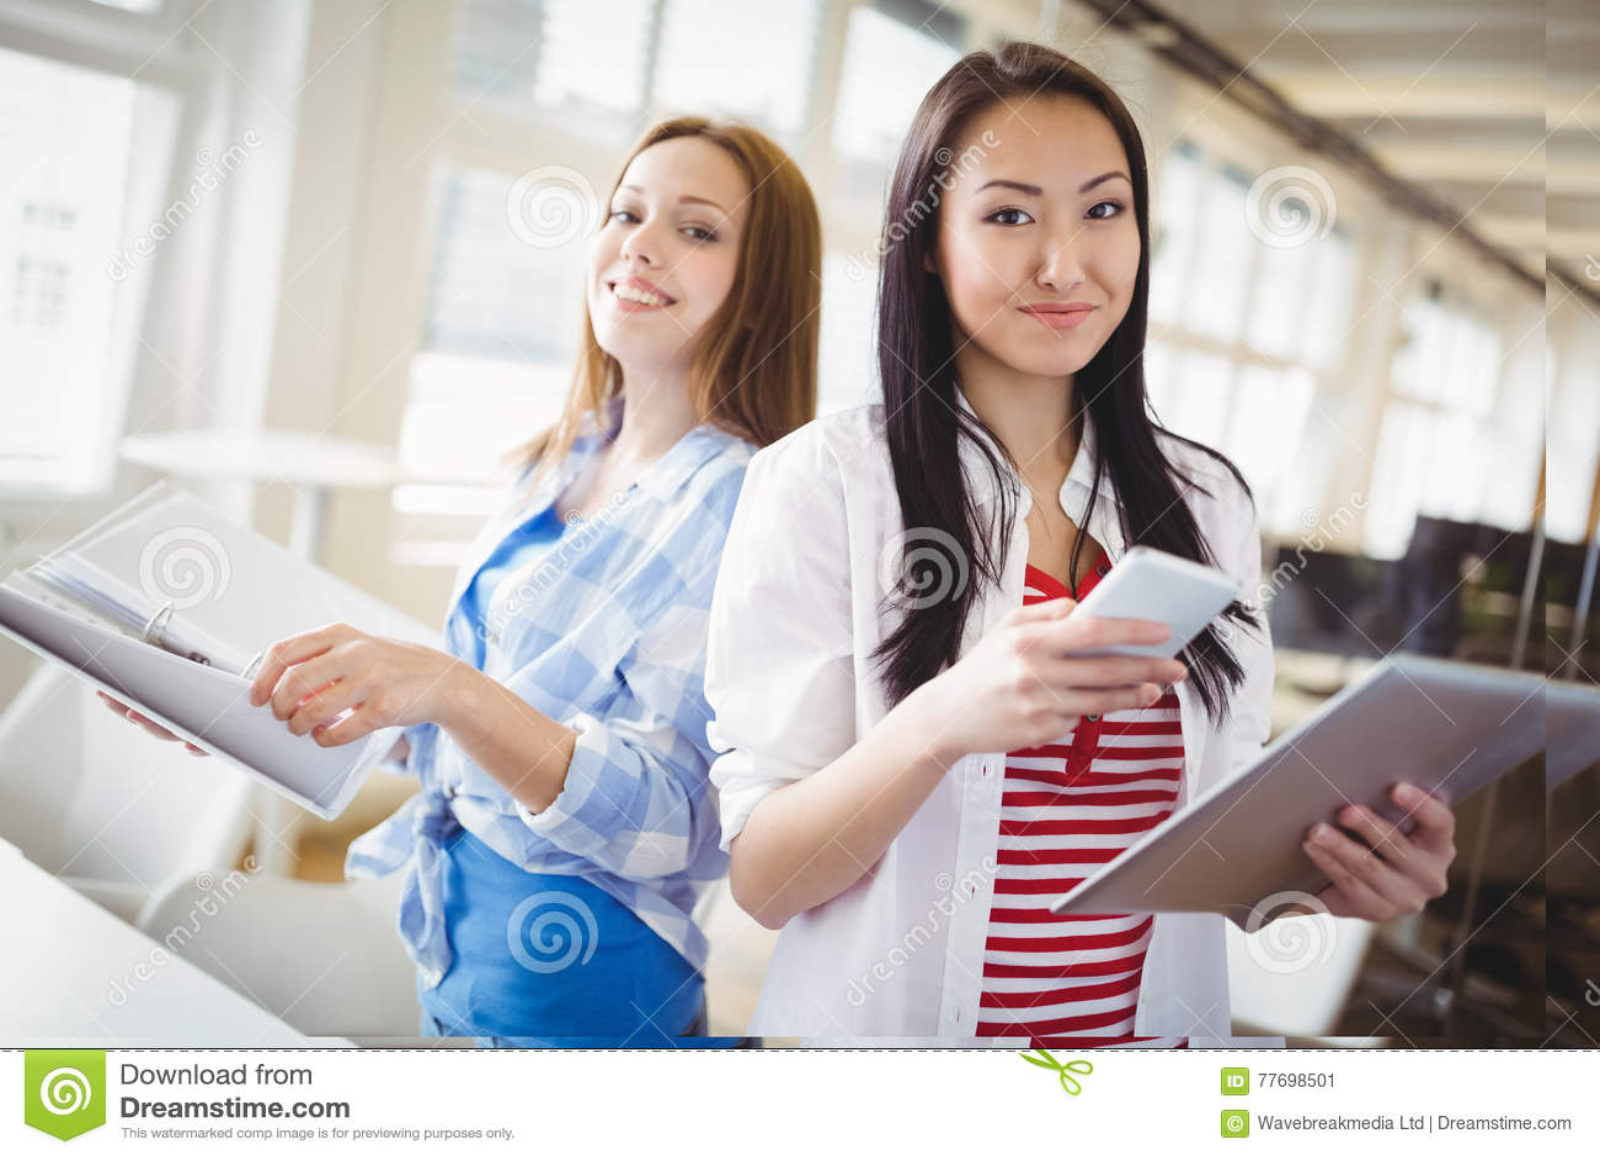 Portait dei fascicoli aziendali e del telefono cellulare for Camera dei deputati telefono